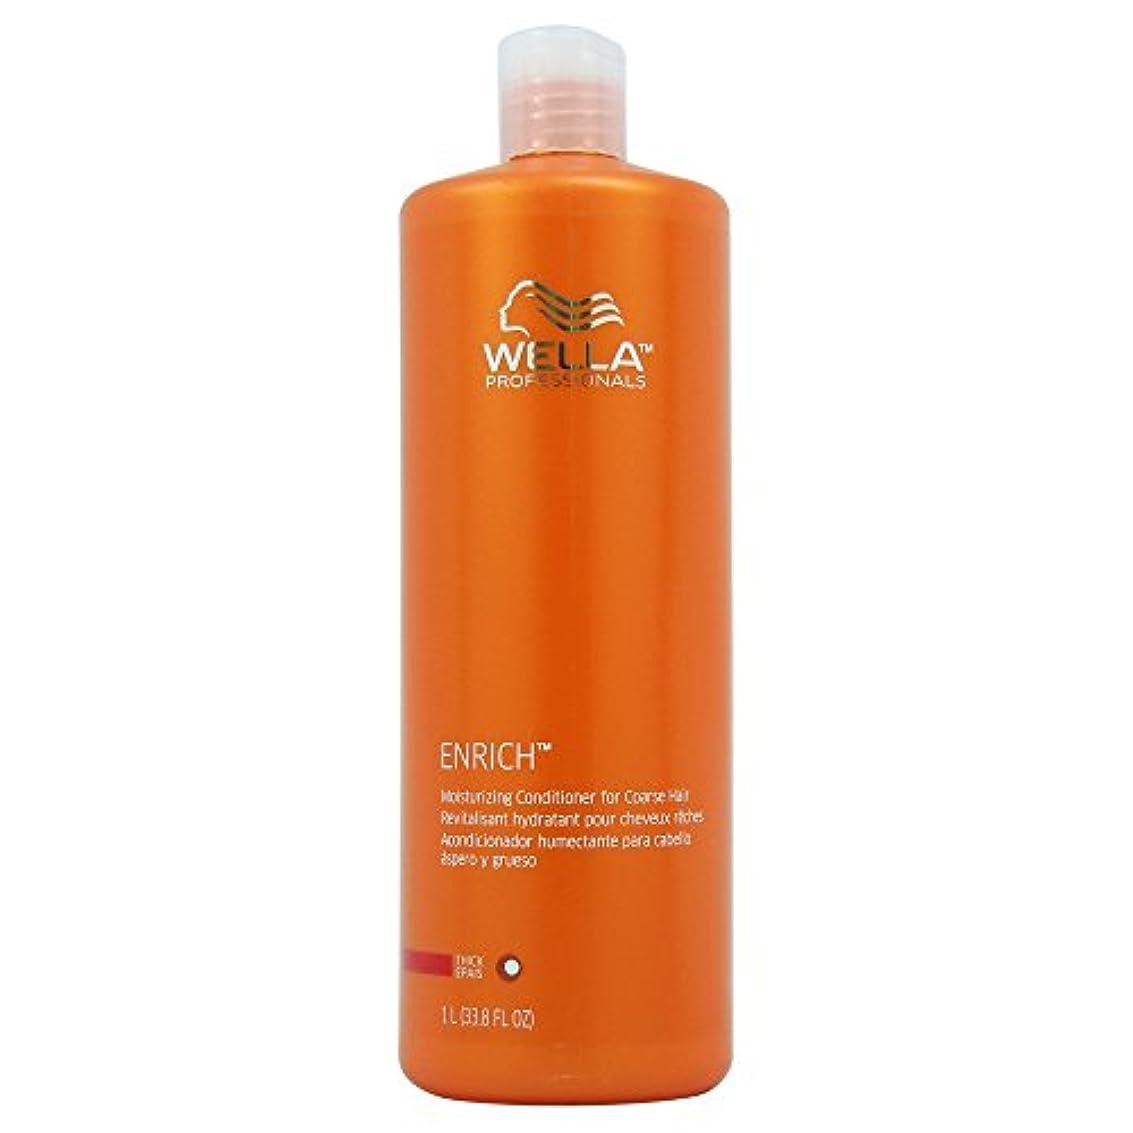 劇作家ヒロイン邪魔Wella Enriched Moisturizing Conditioner for Coarse Hair for Unisex, 33.8 Ounce by Wella